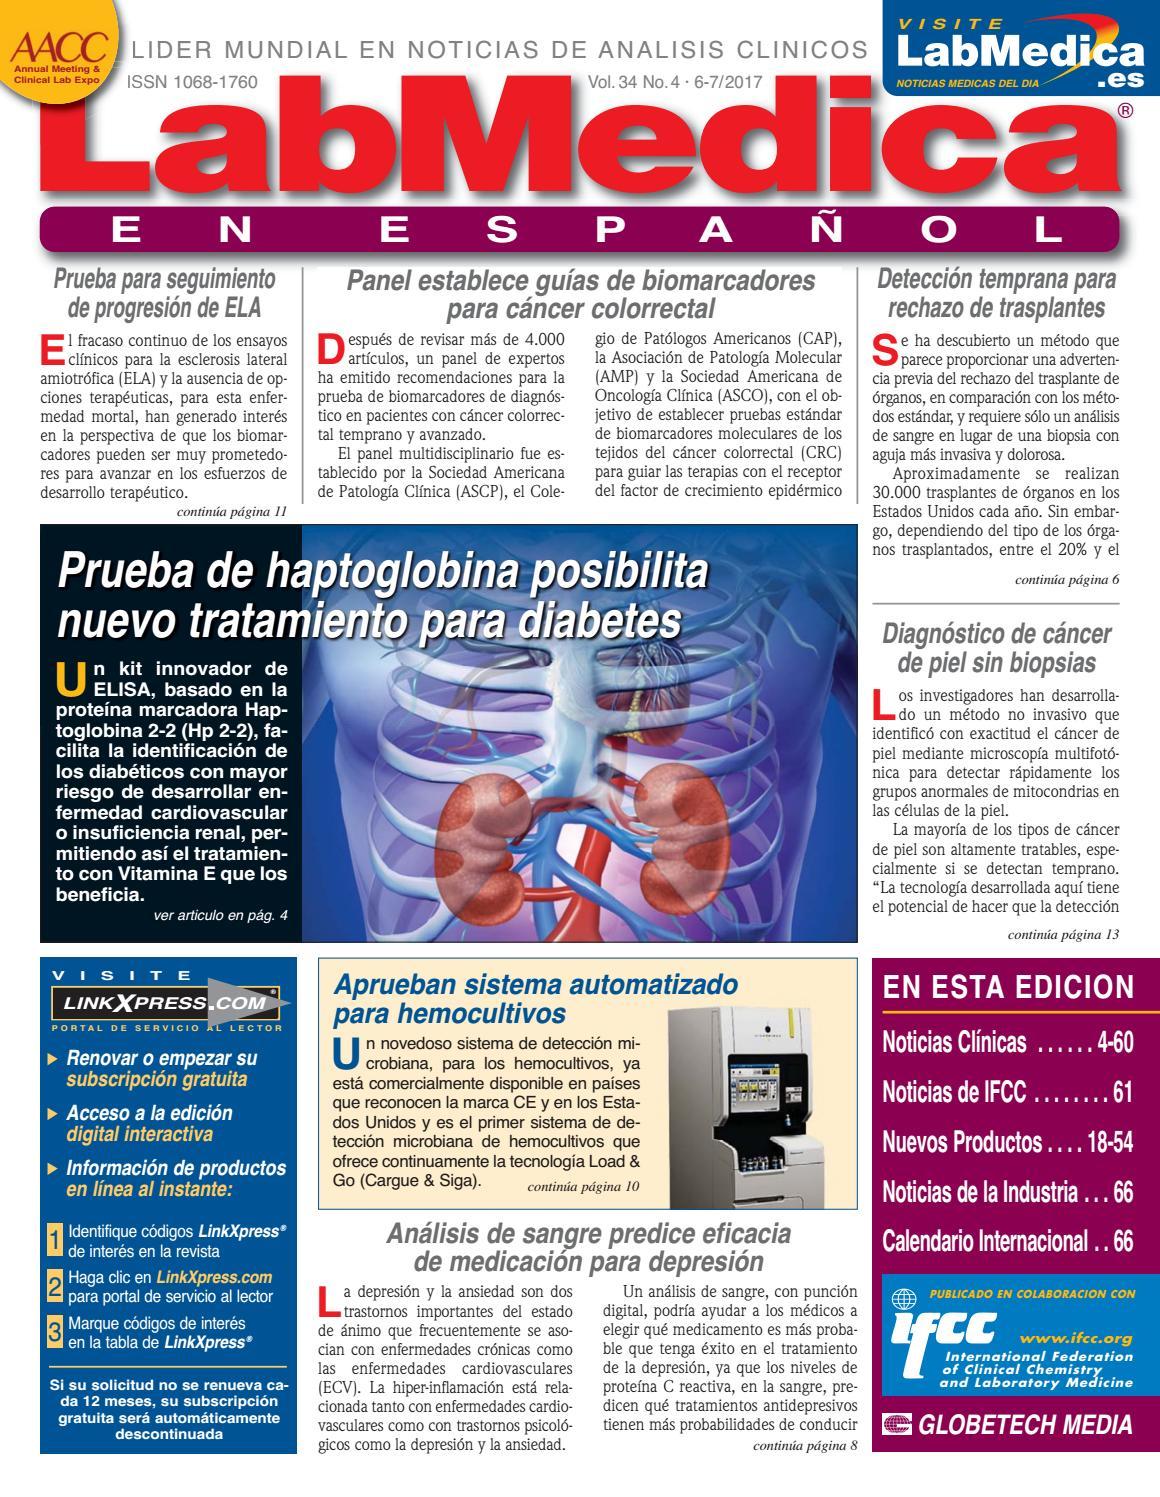 Contraindicaciones de PSA y próstata para uñas de gel Tostrex 2